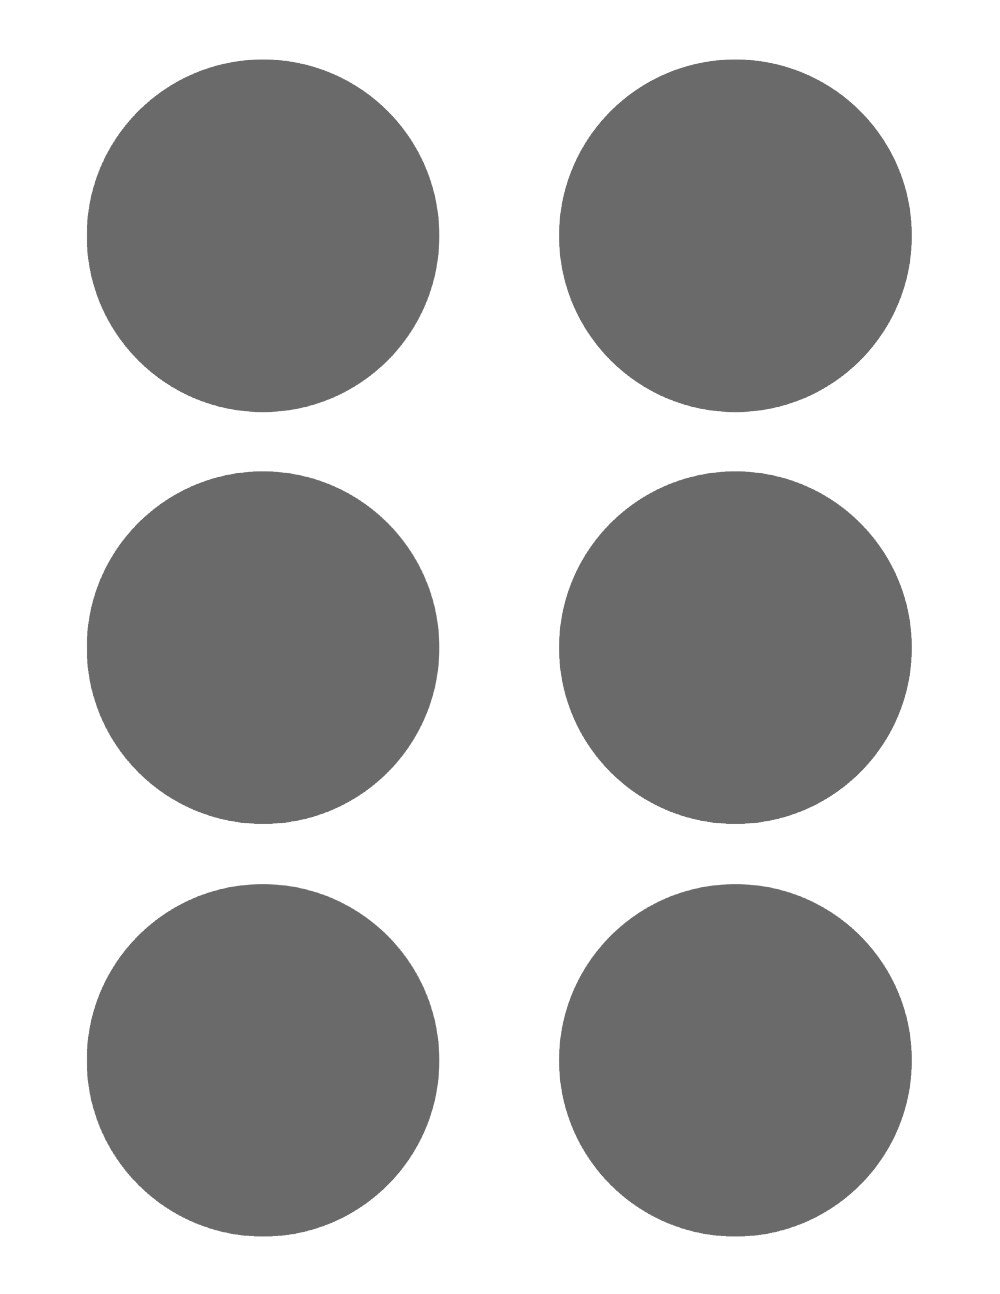 Plantilla PSD 6 círculos 3 pulgadas de diámetro